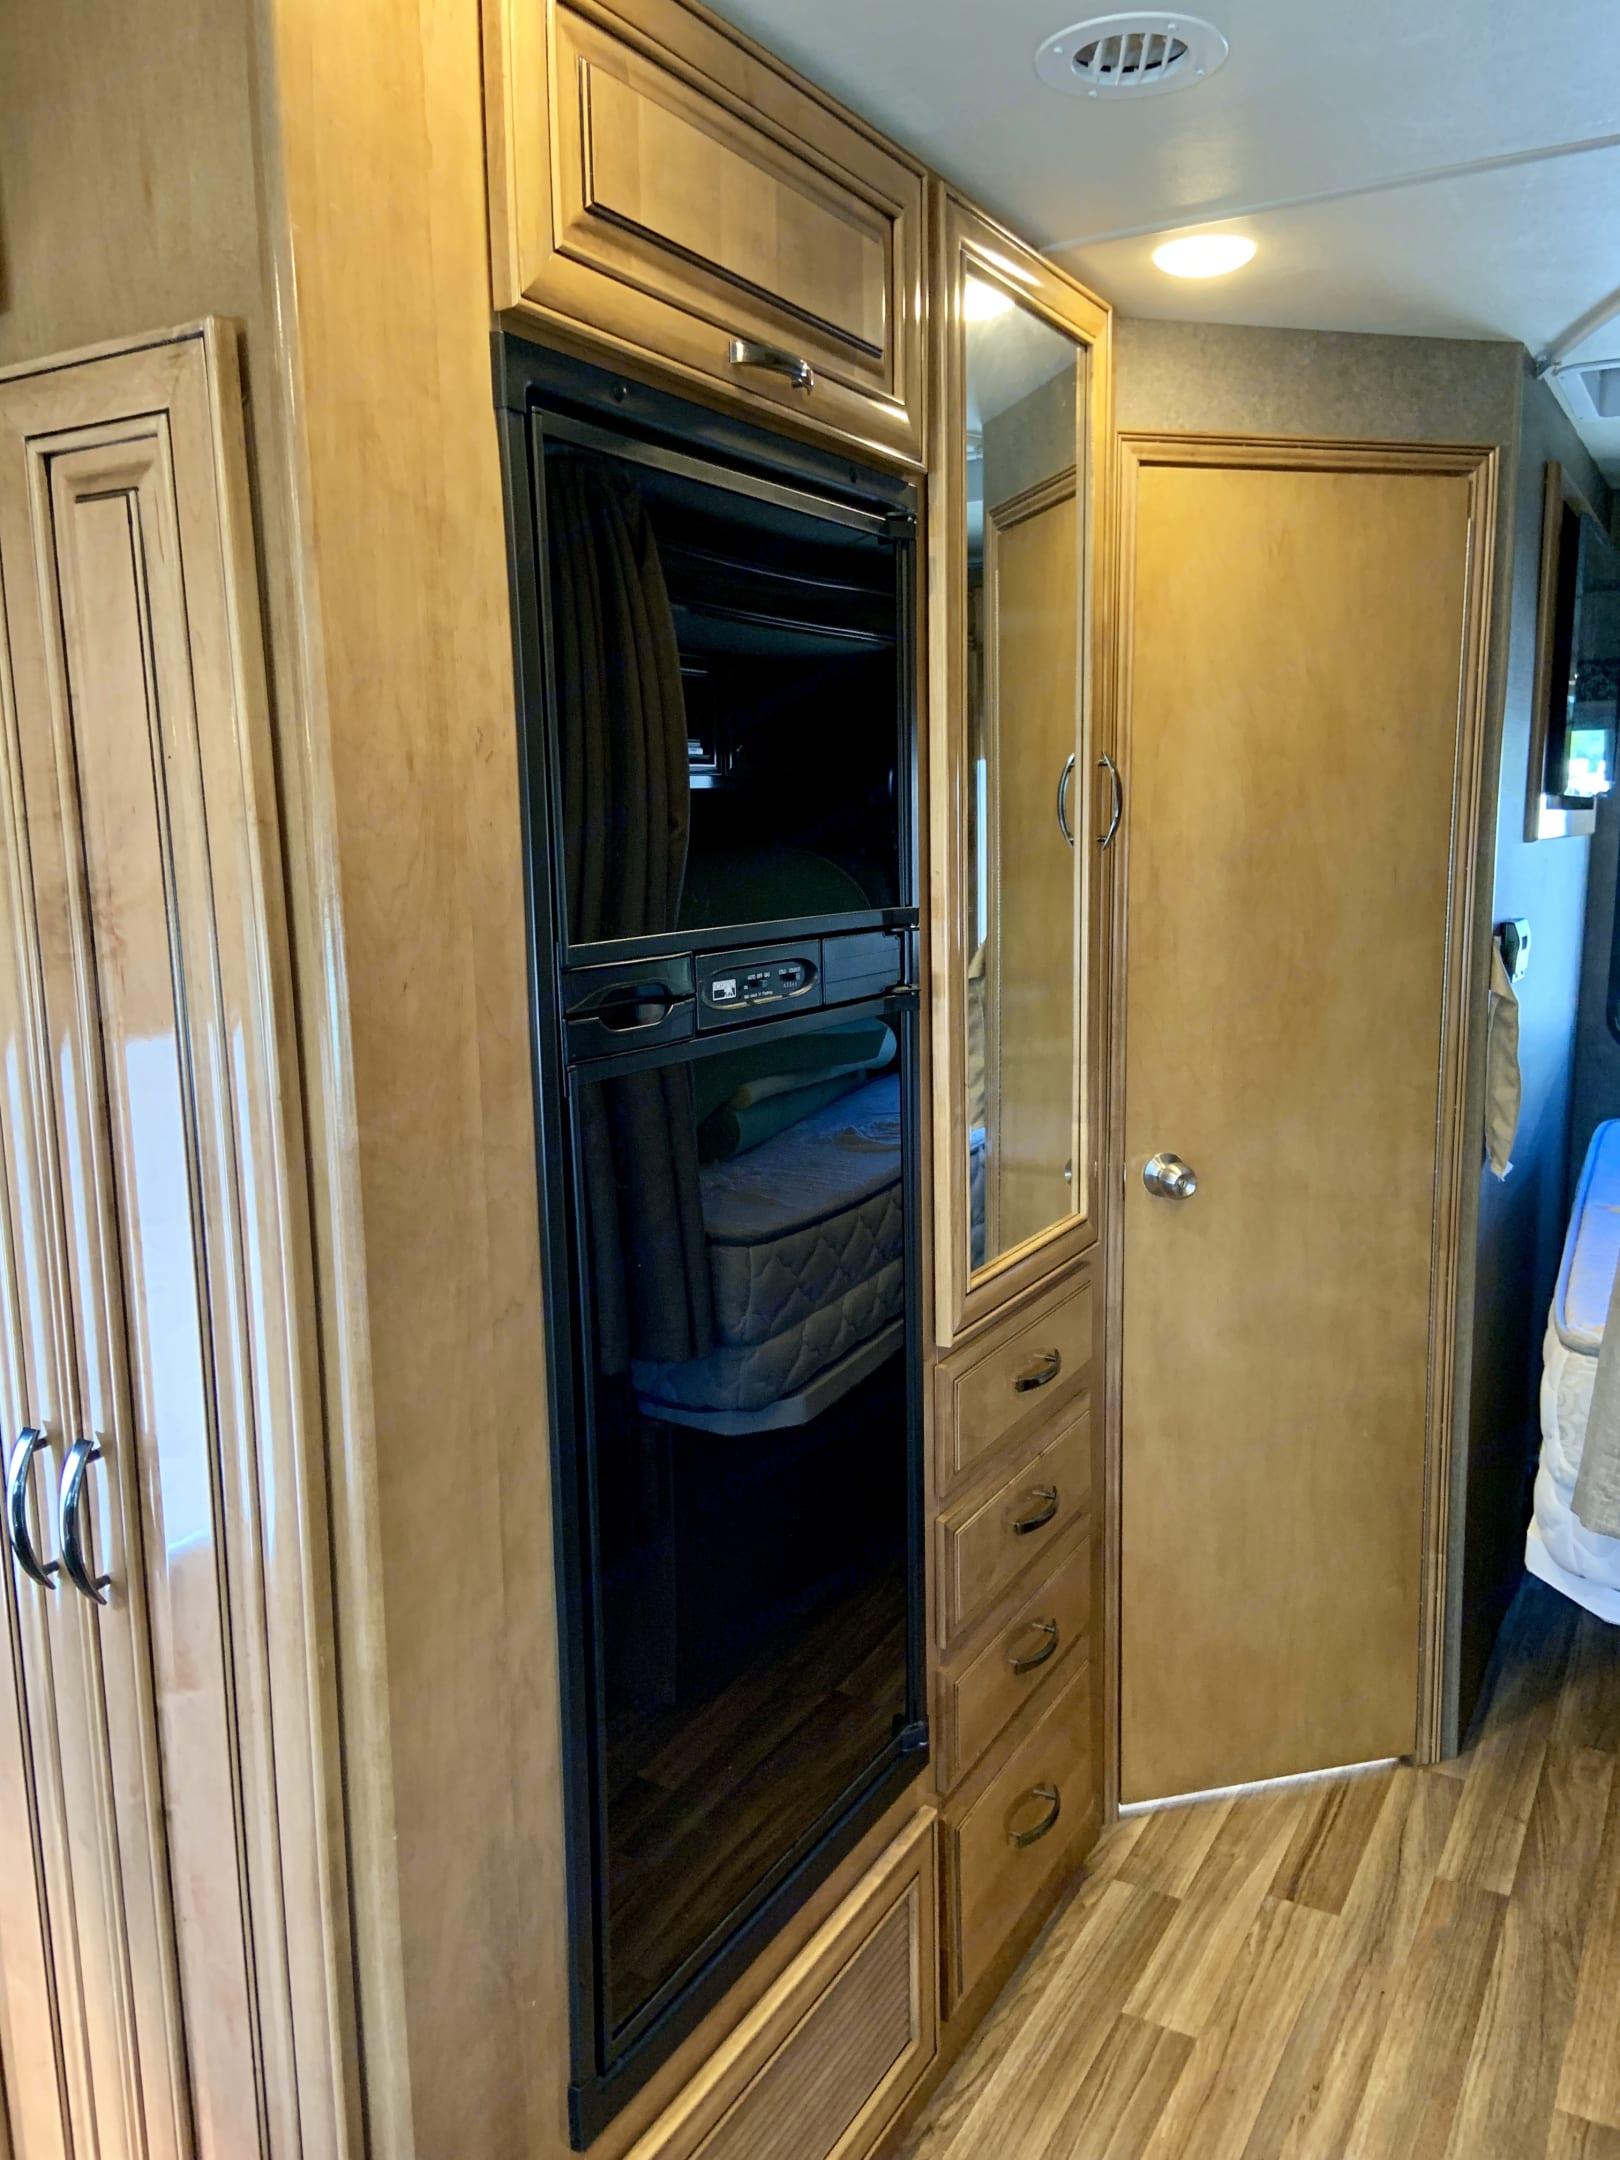 Refrigerator . Thor Motor Coach Quantum 2017